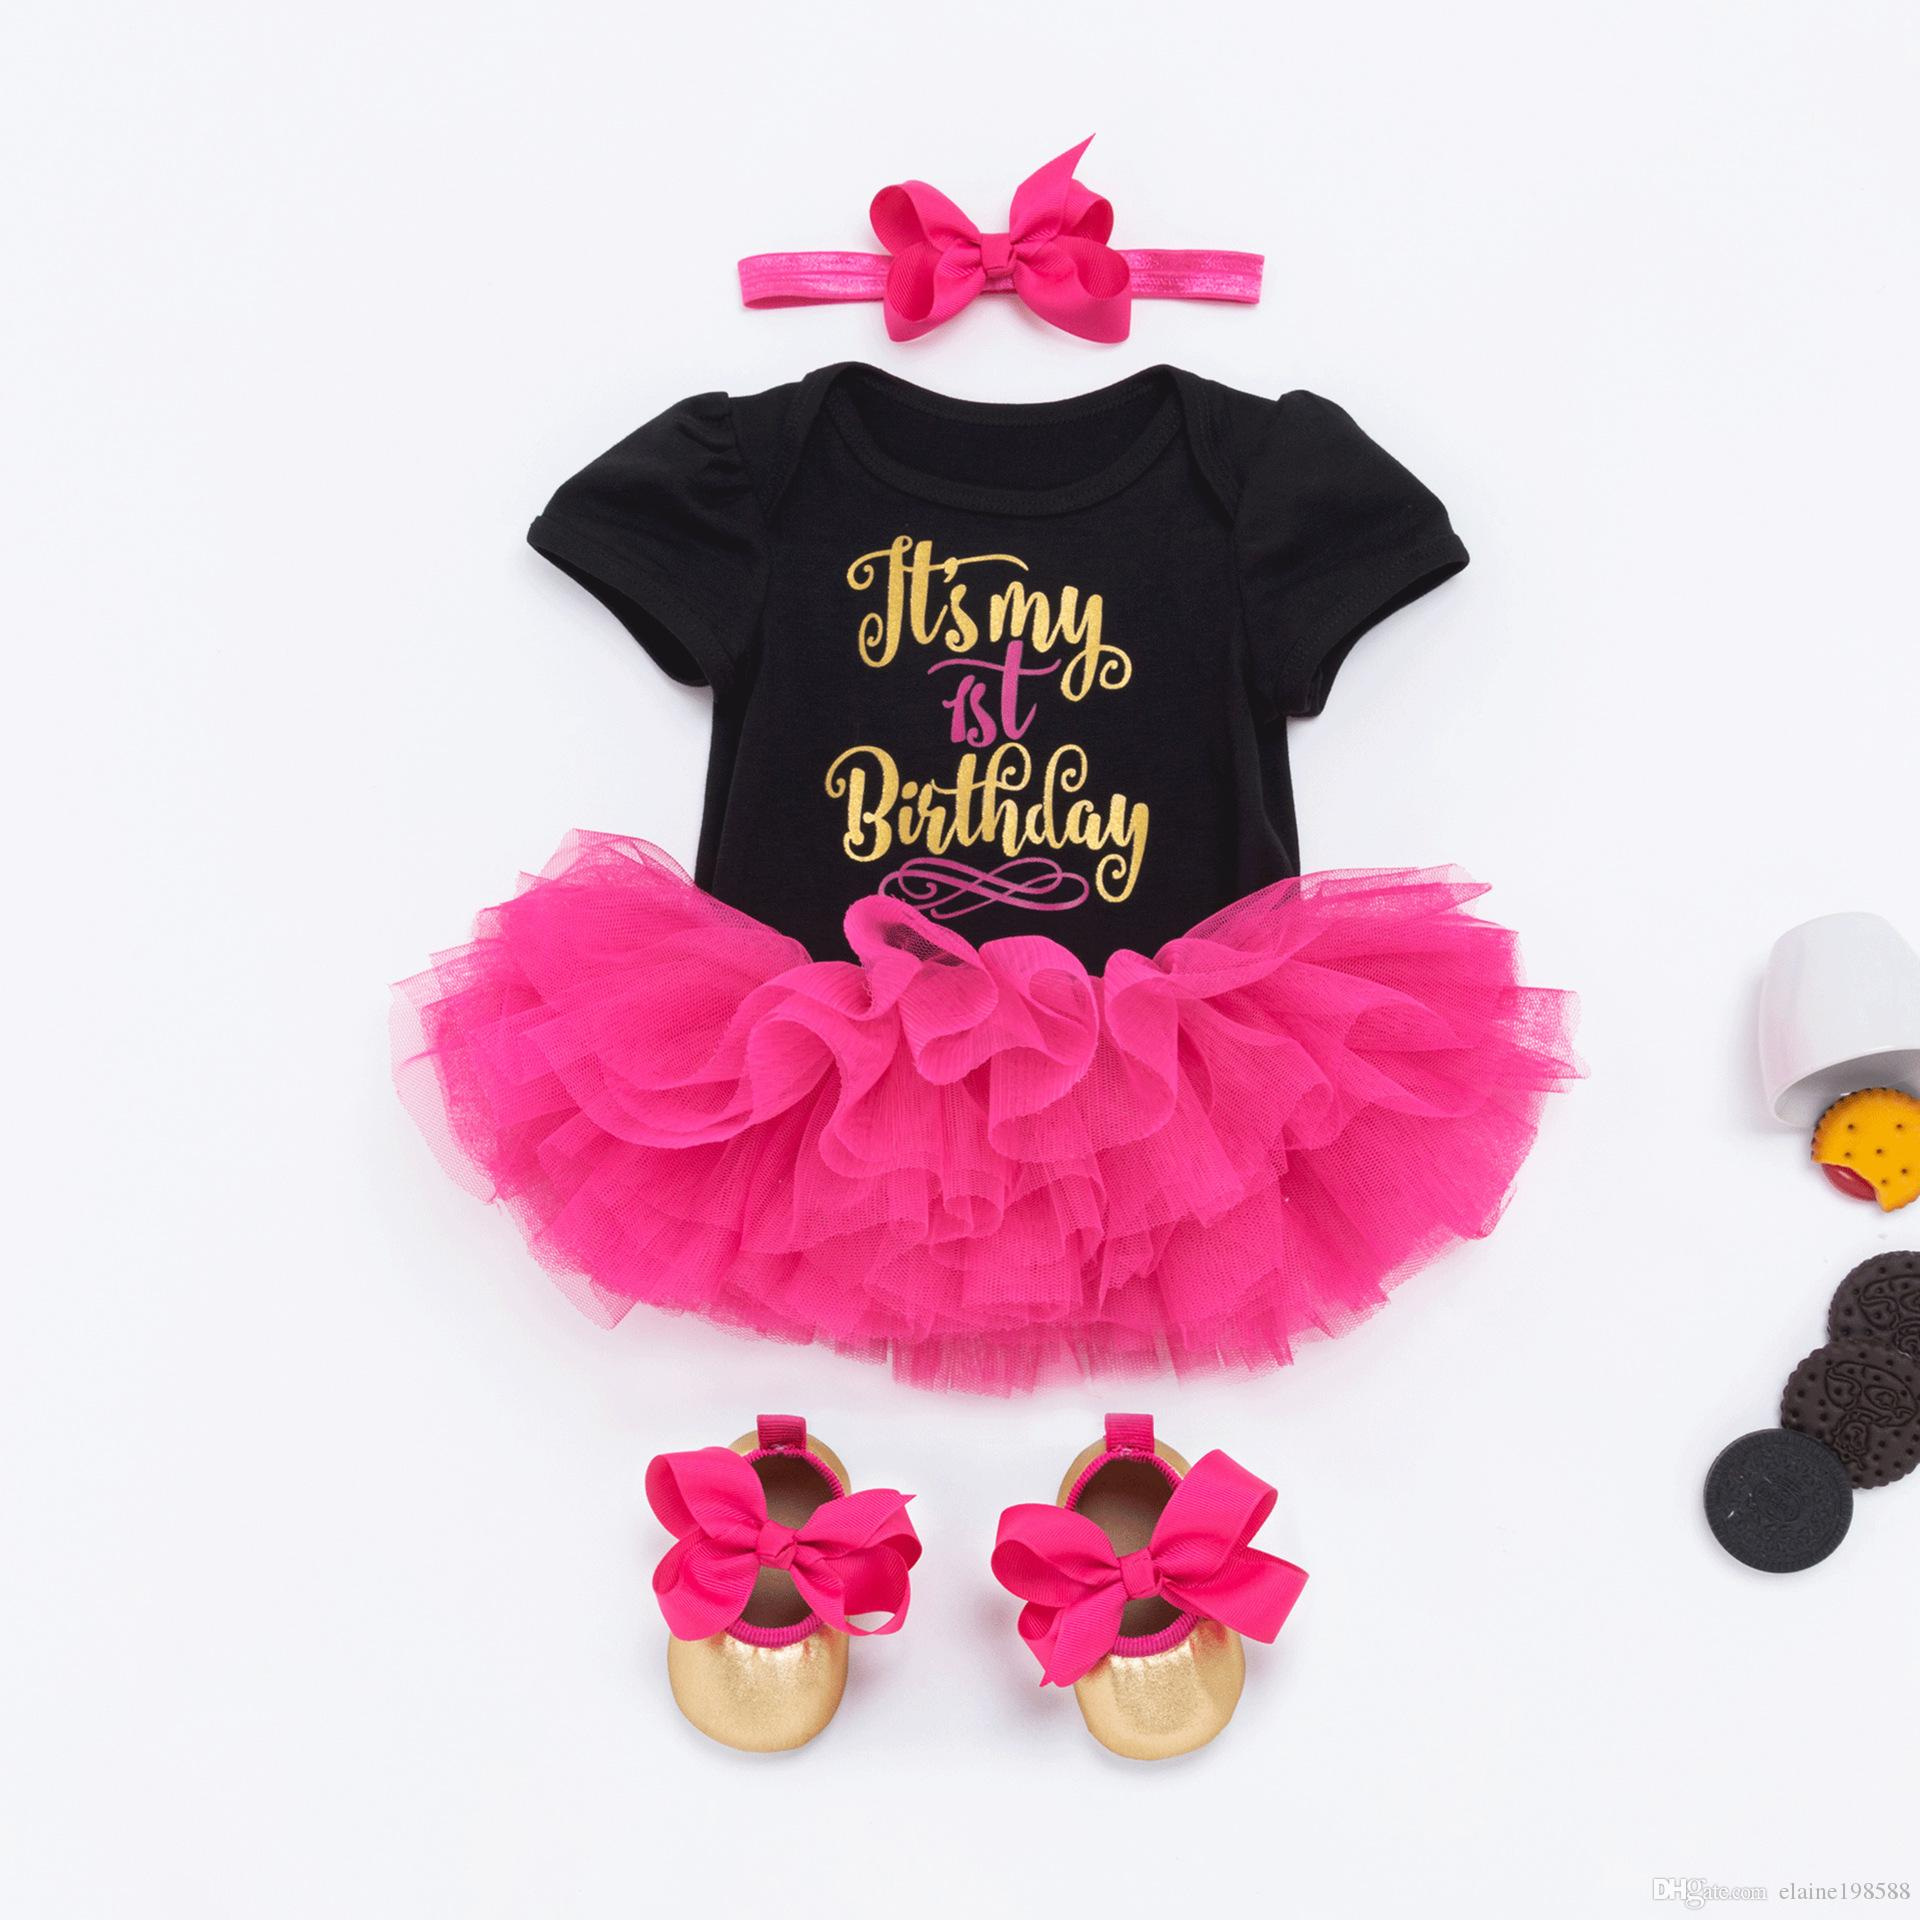 a691ffd605 Großhandel Baby Mädchen 1. Geburtstag Prinzessin Tutu Röcke 0 24 Monate Neugeborenen  Strampler Kleider Baumwolle Strampler + Rose Tutu Rock + Schuhe + ...